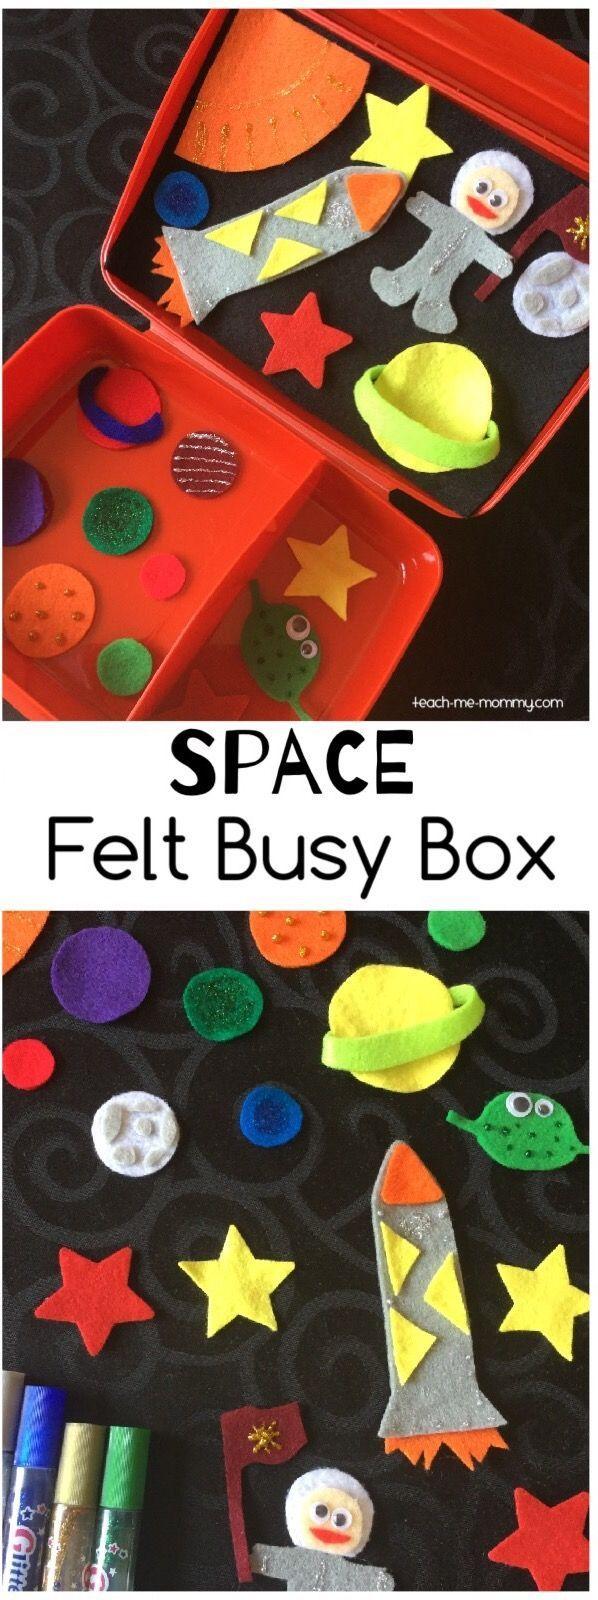 Space Felt Busy Box